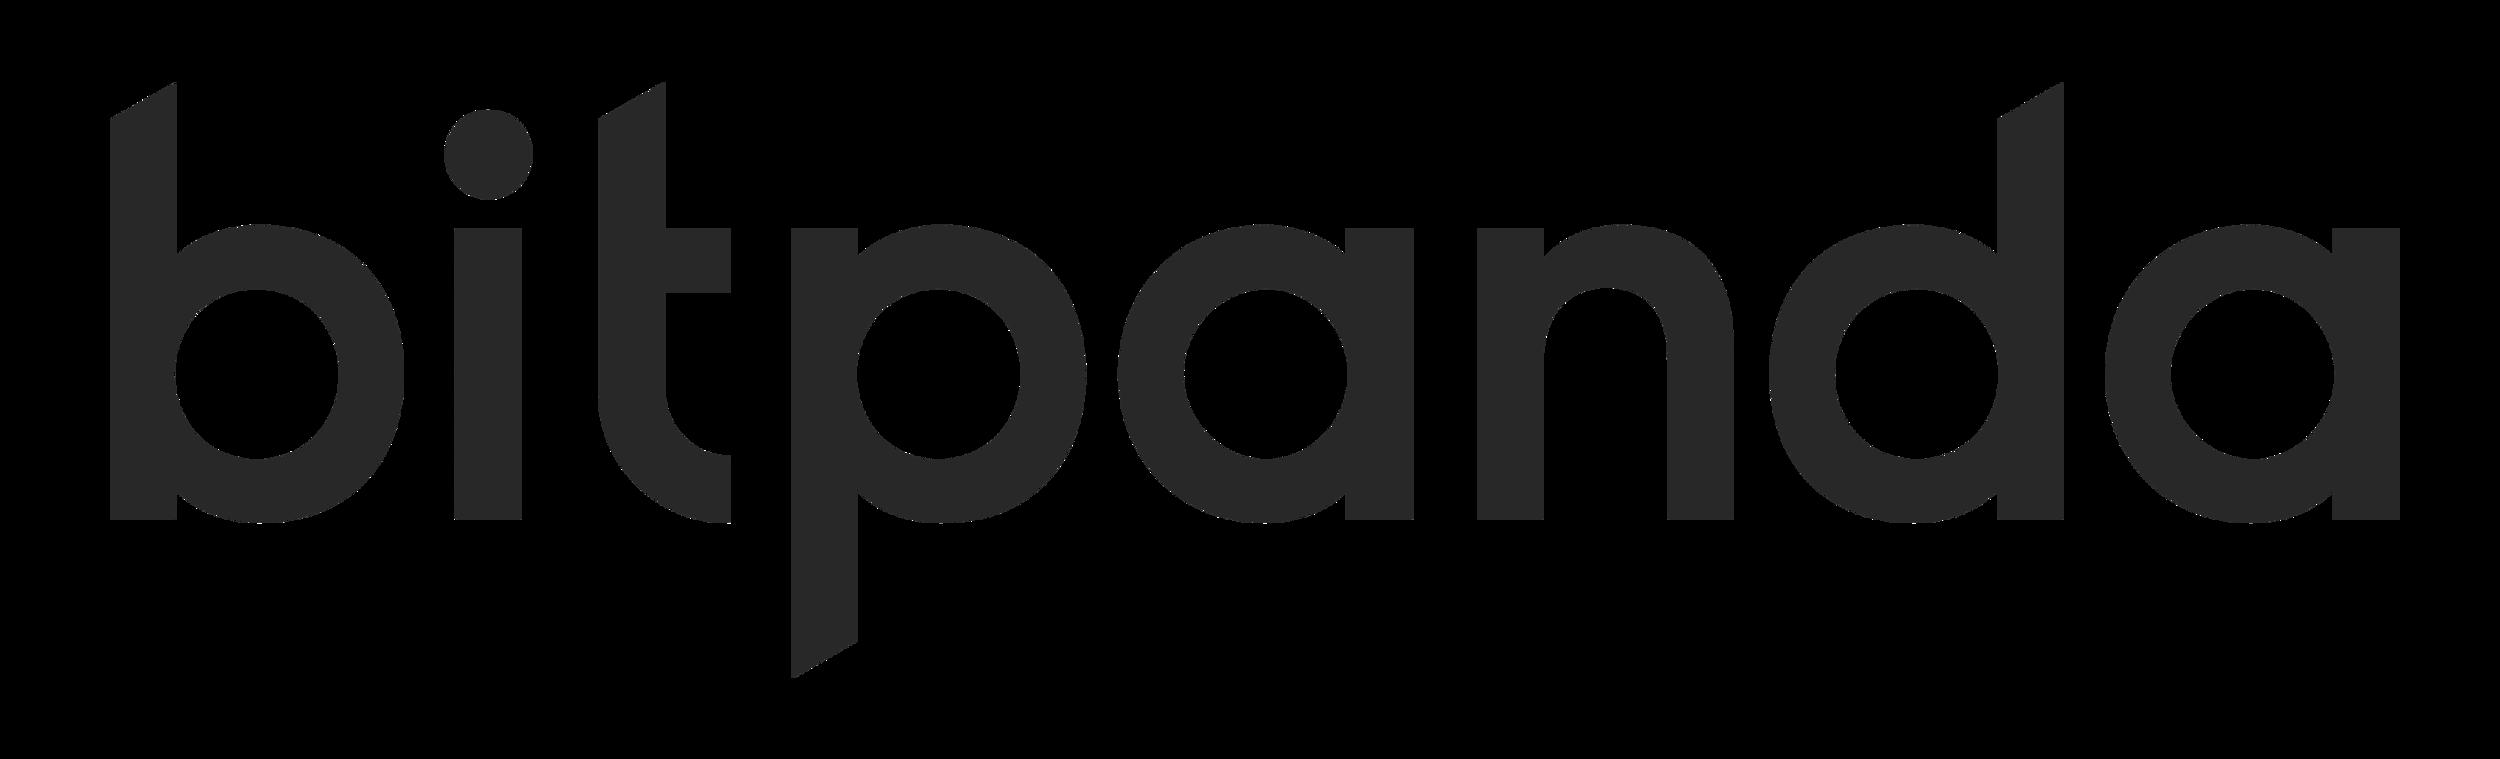 bitpanda logo.png